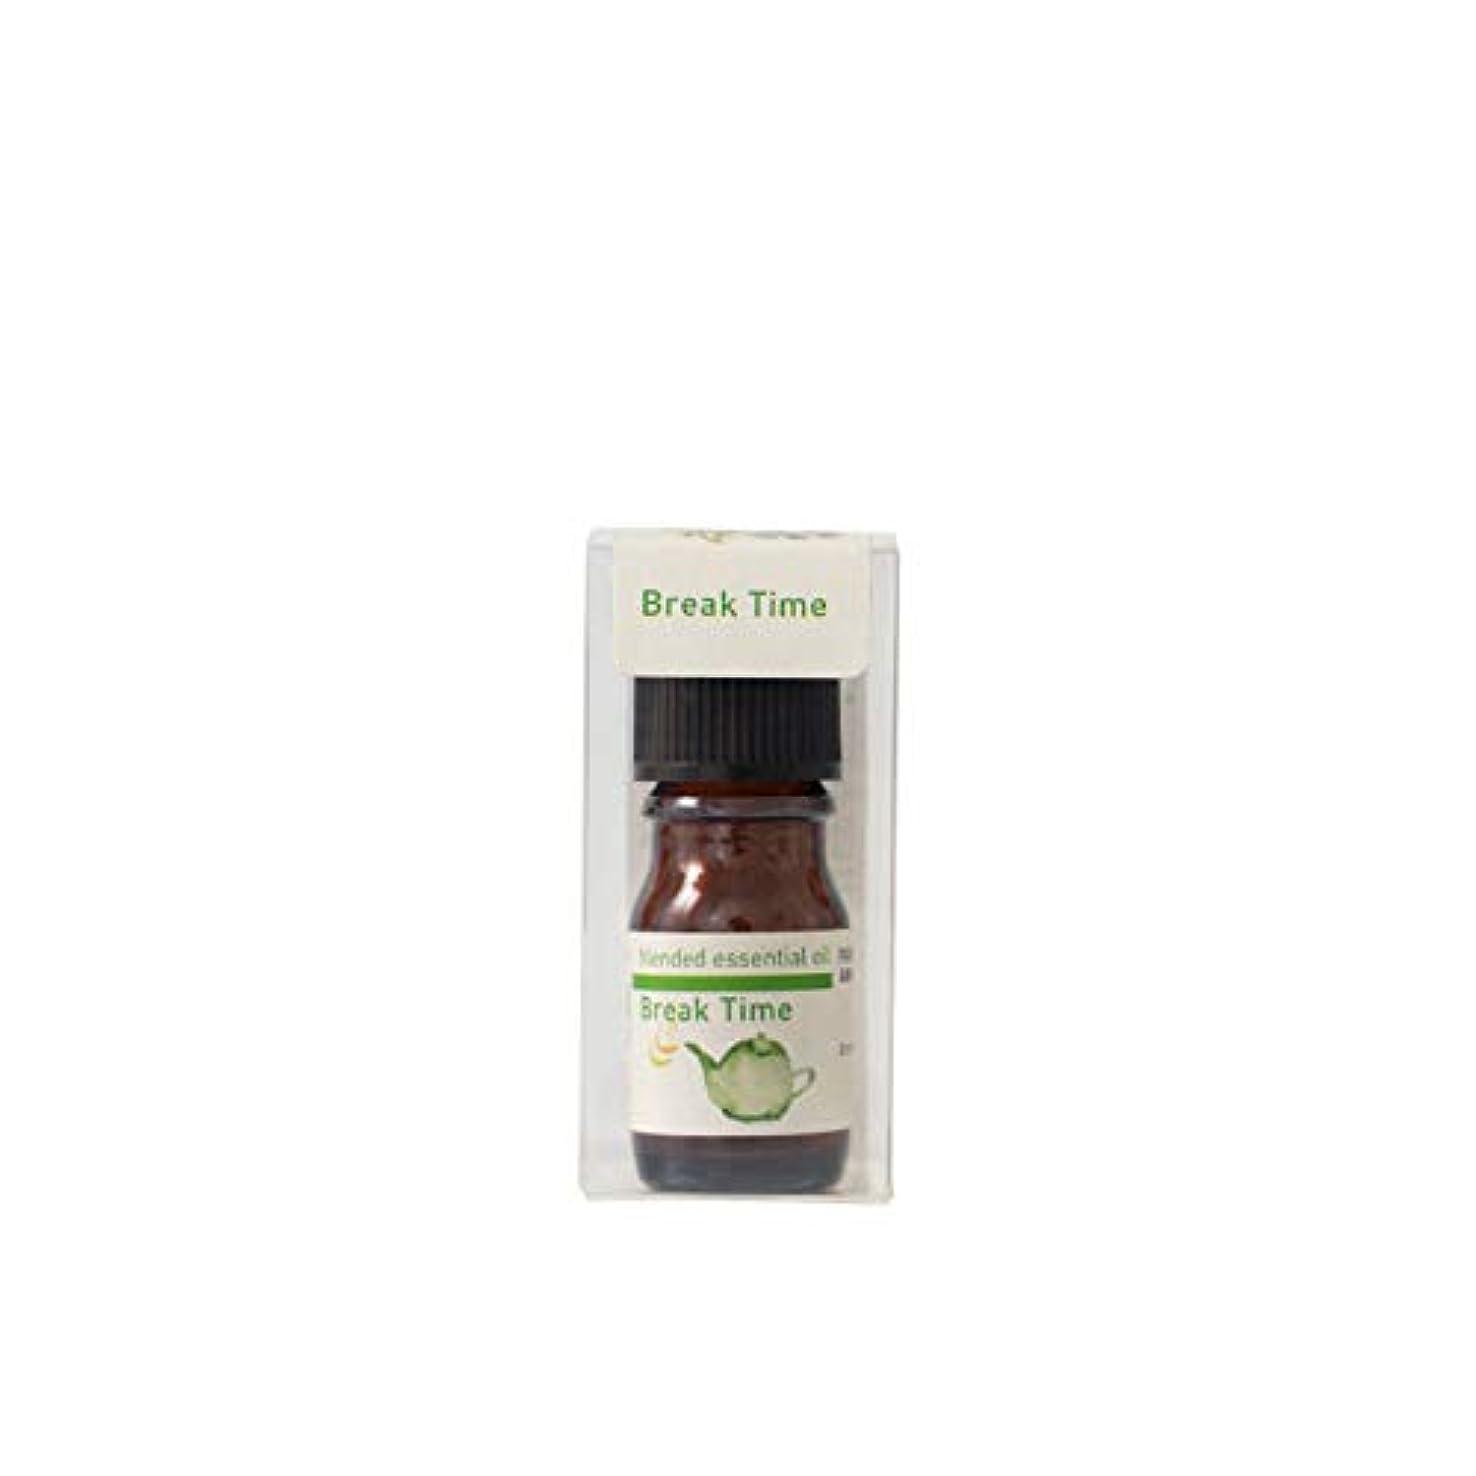 レジインデックス軽く生活の木 ブレンドエッセンシャルオイル ブレイクタイム 5ml